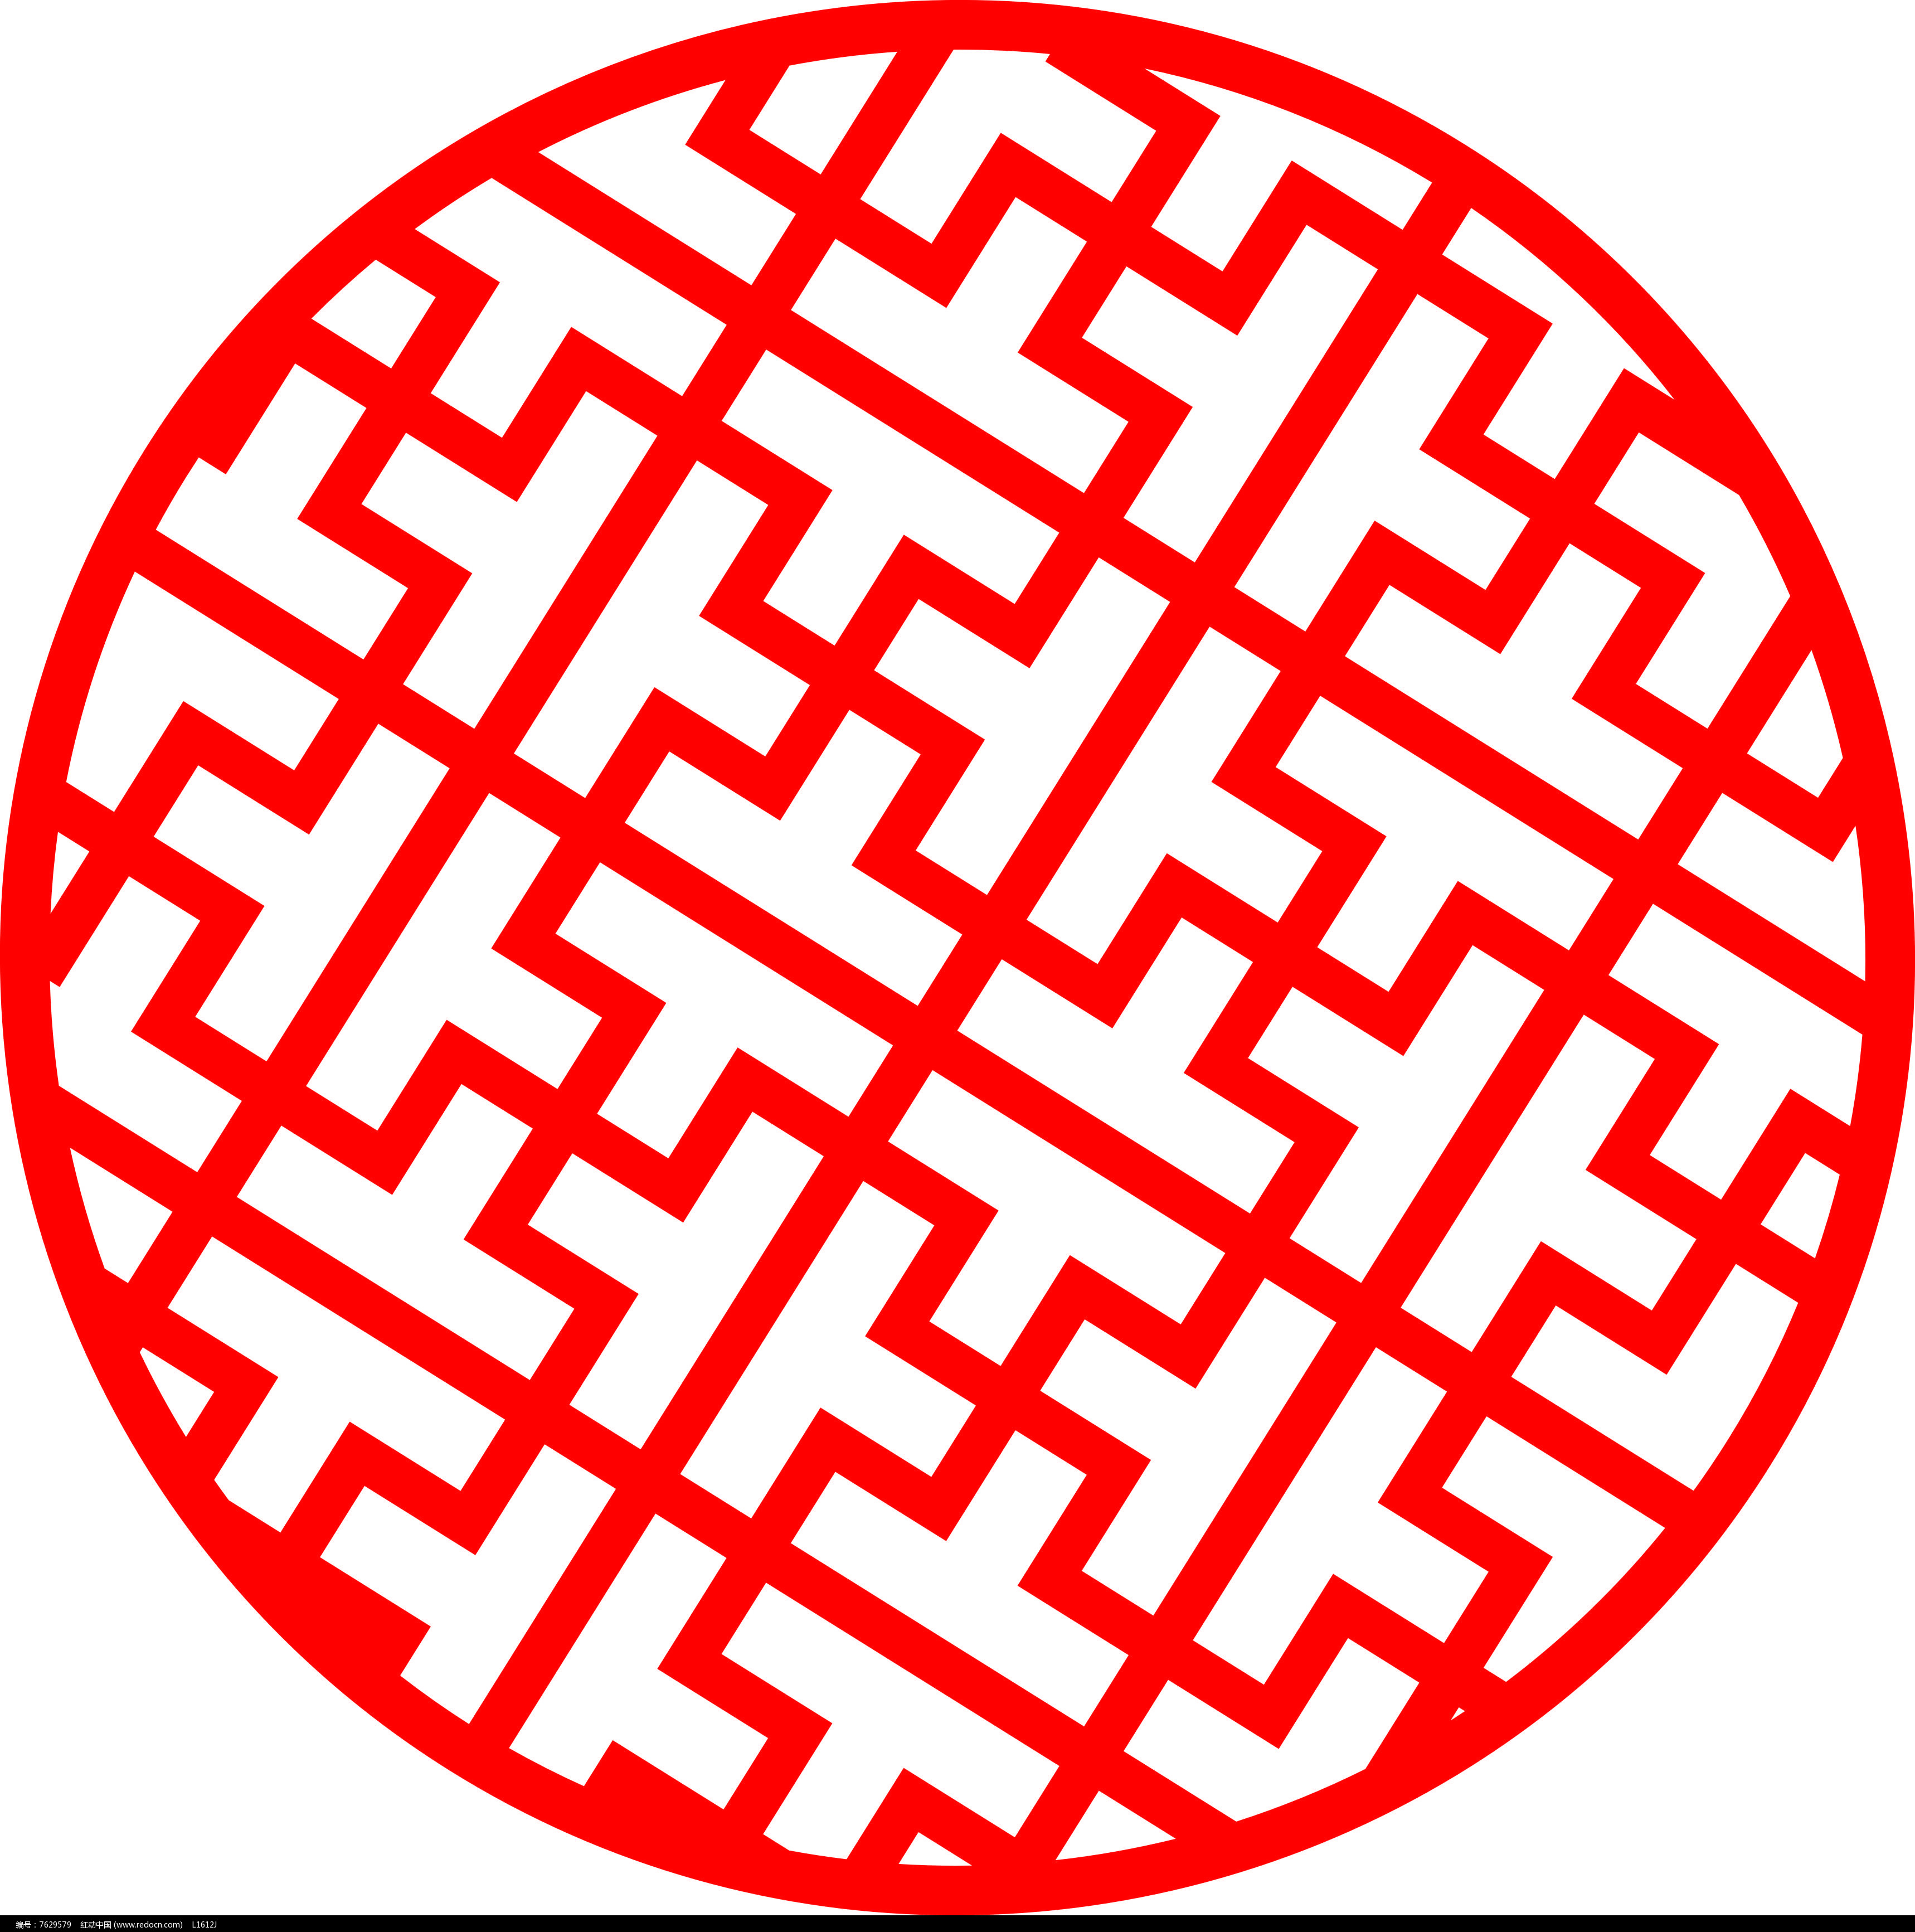 圆剪纸作品步骤图片